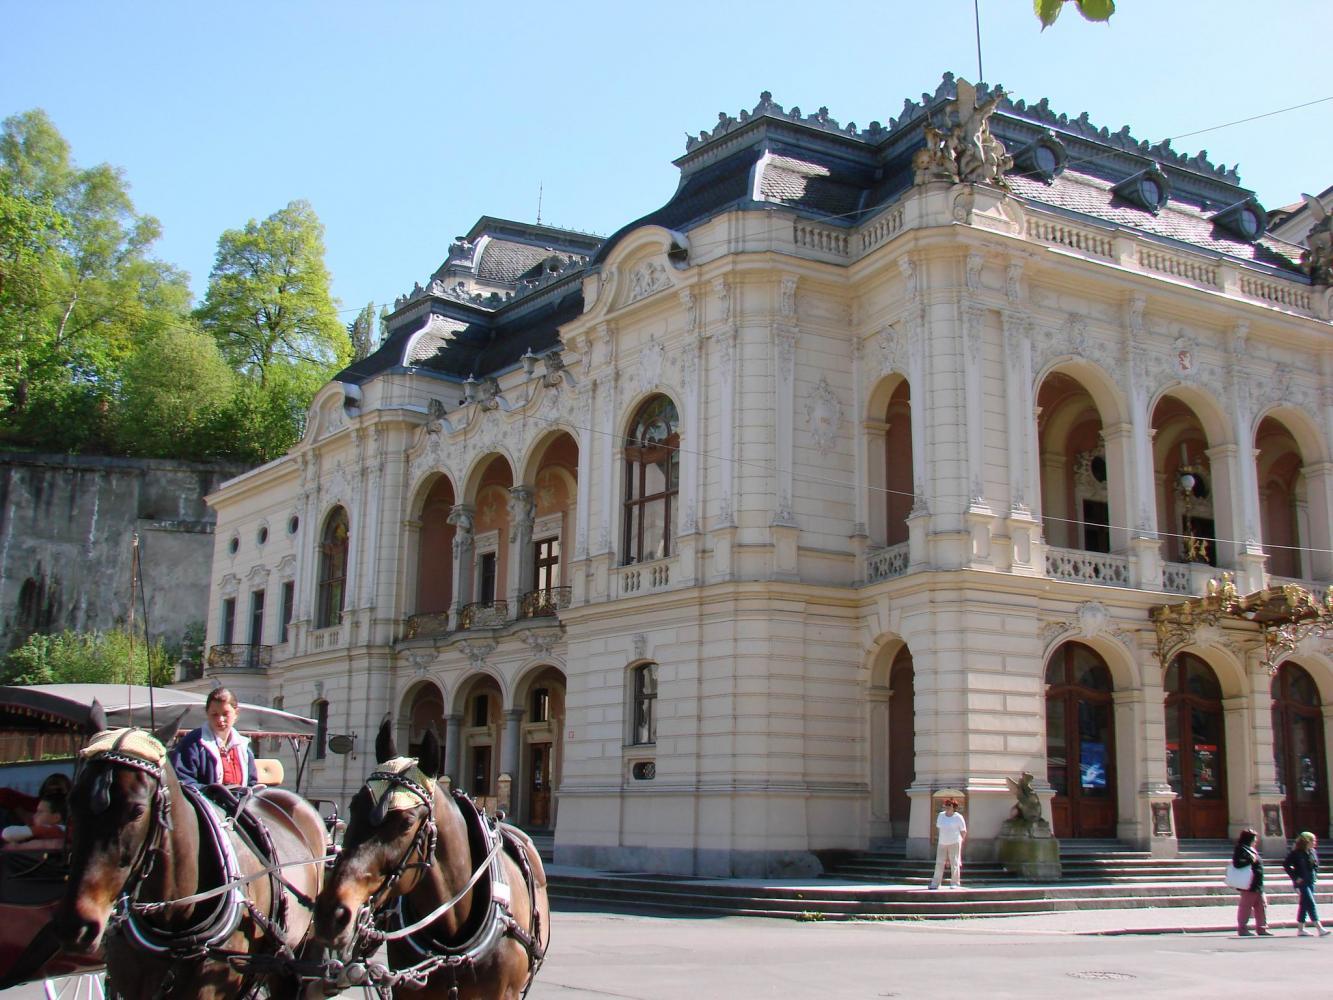 Афиша в театры в карловых варах афиша муз театр симферополь